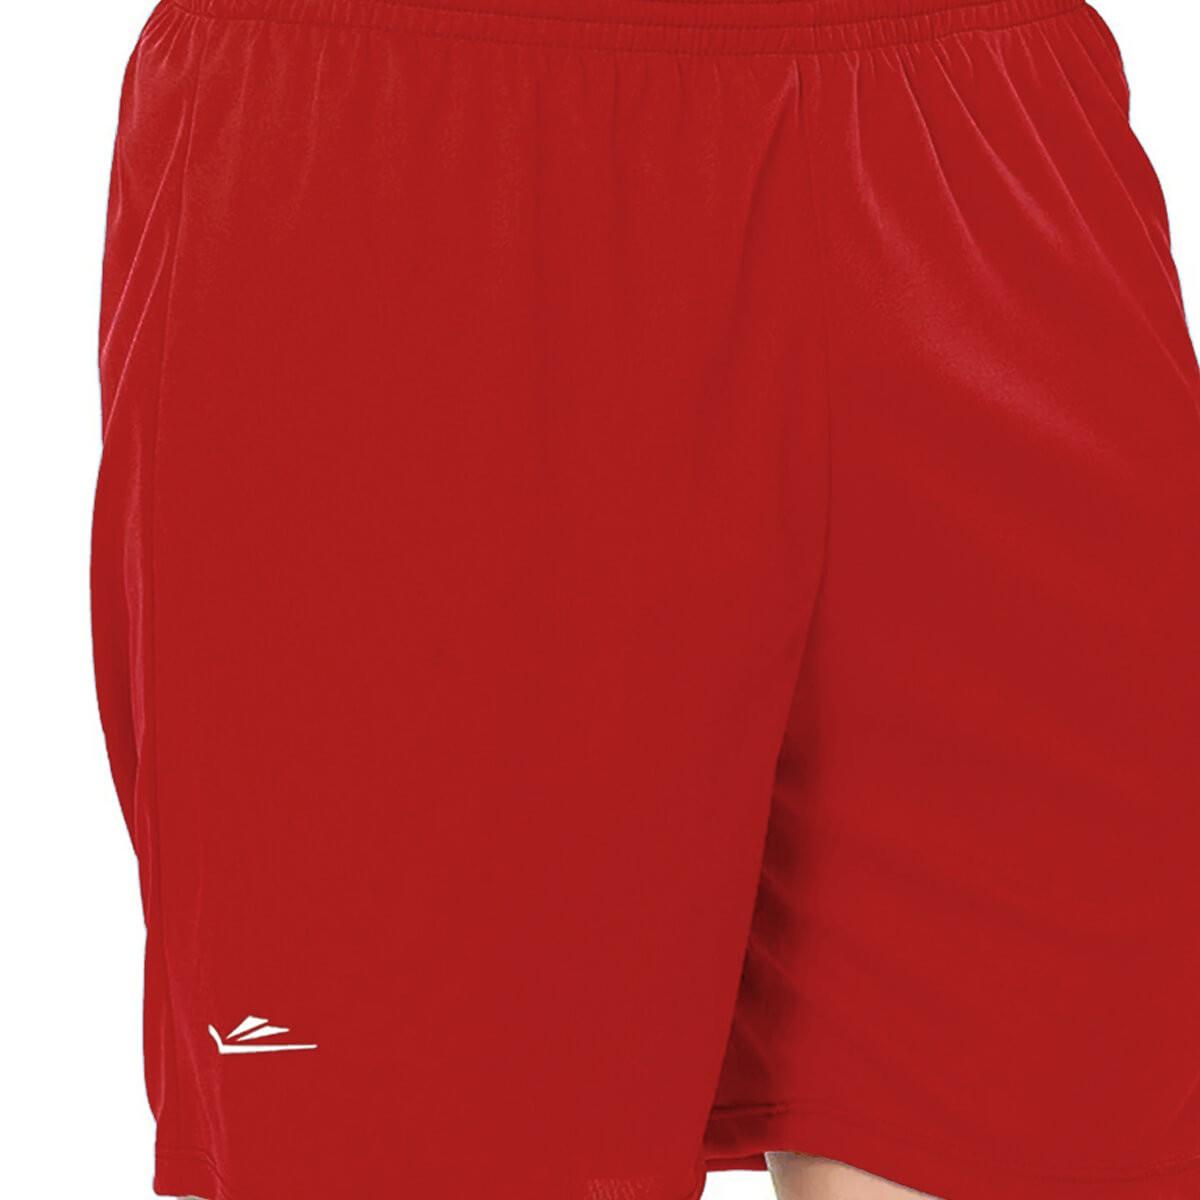 Calção de Futebol Básico Liso Vermelho